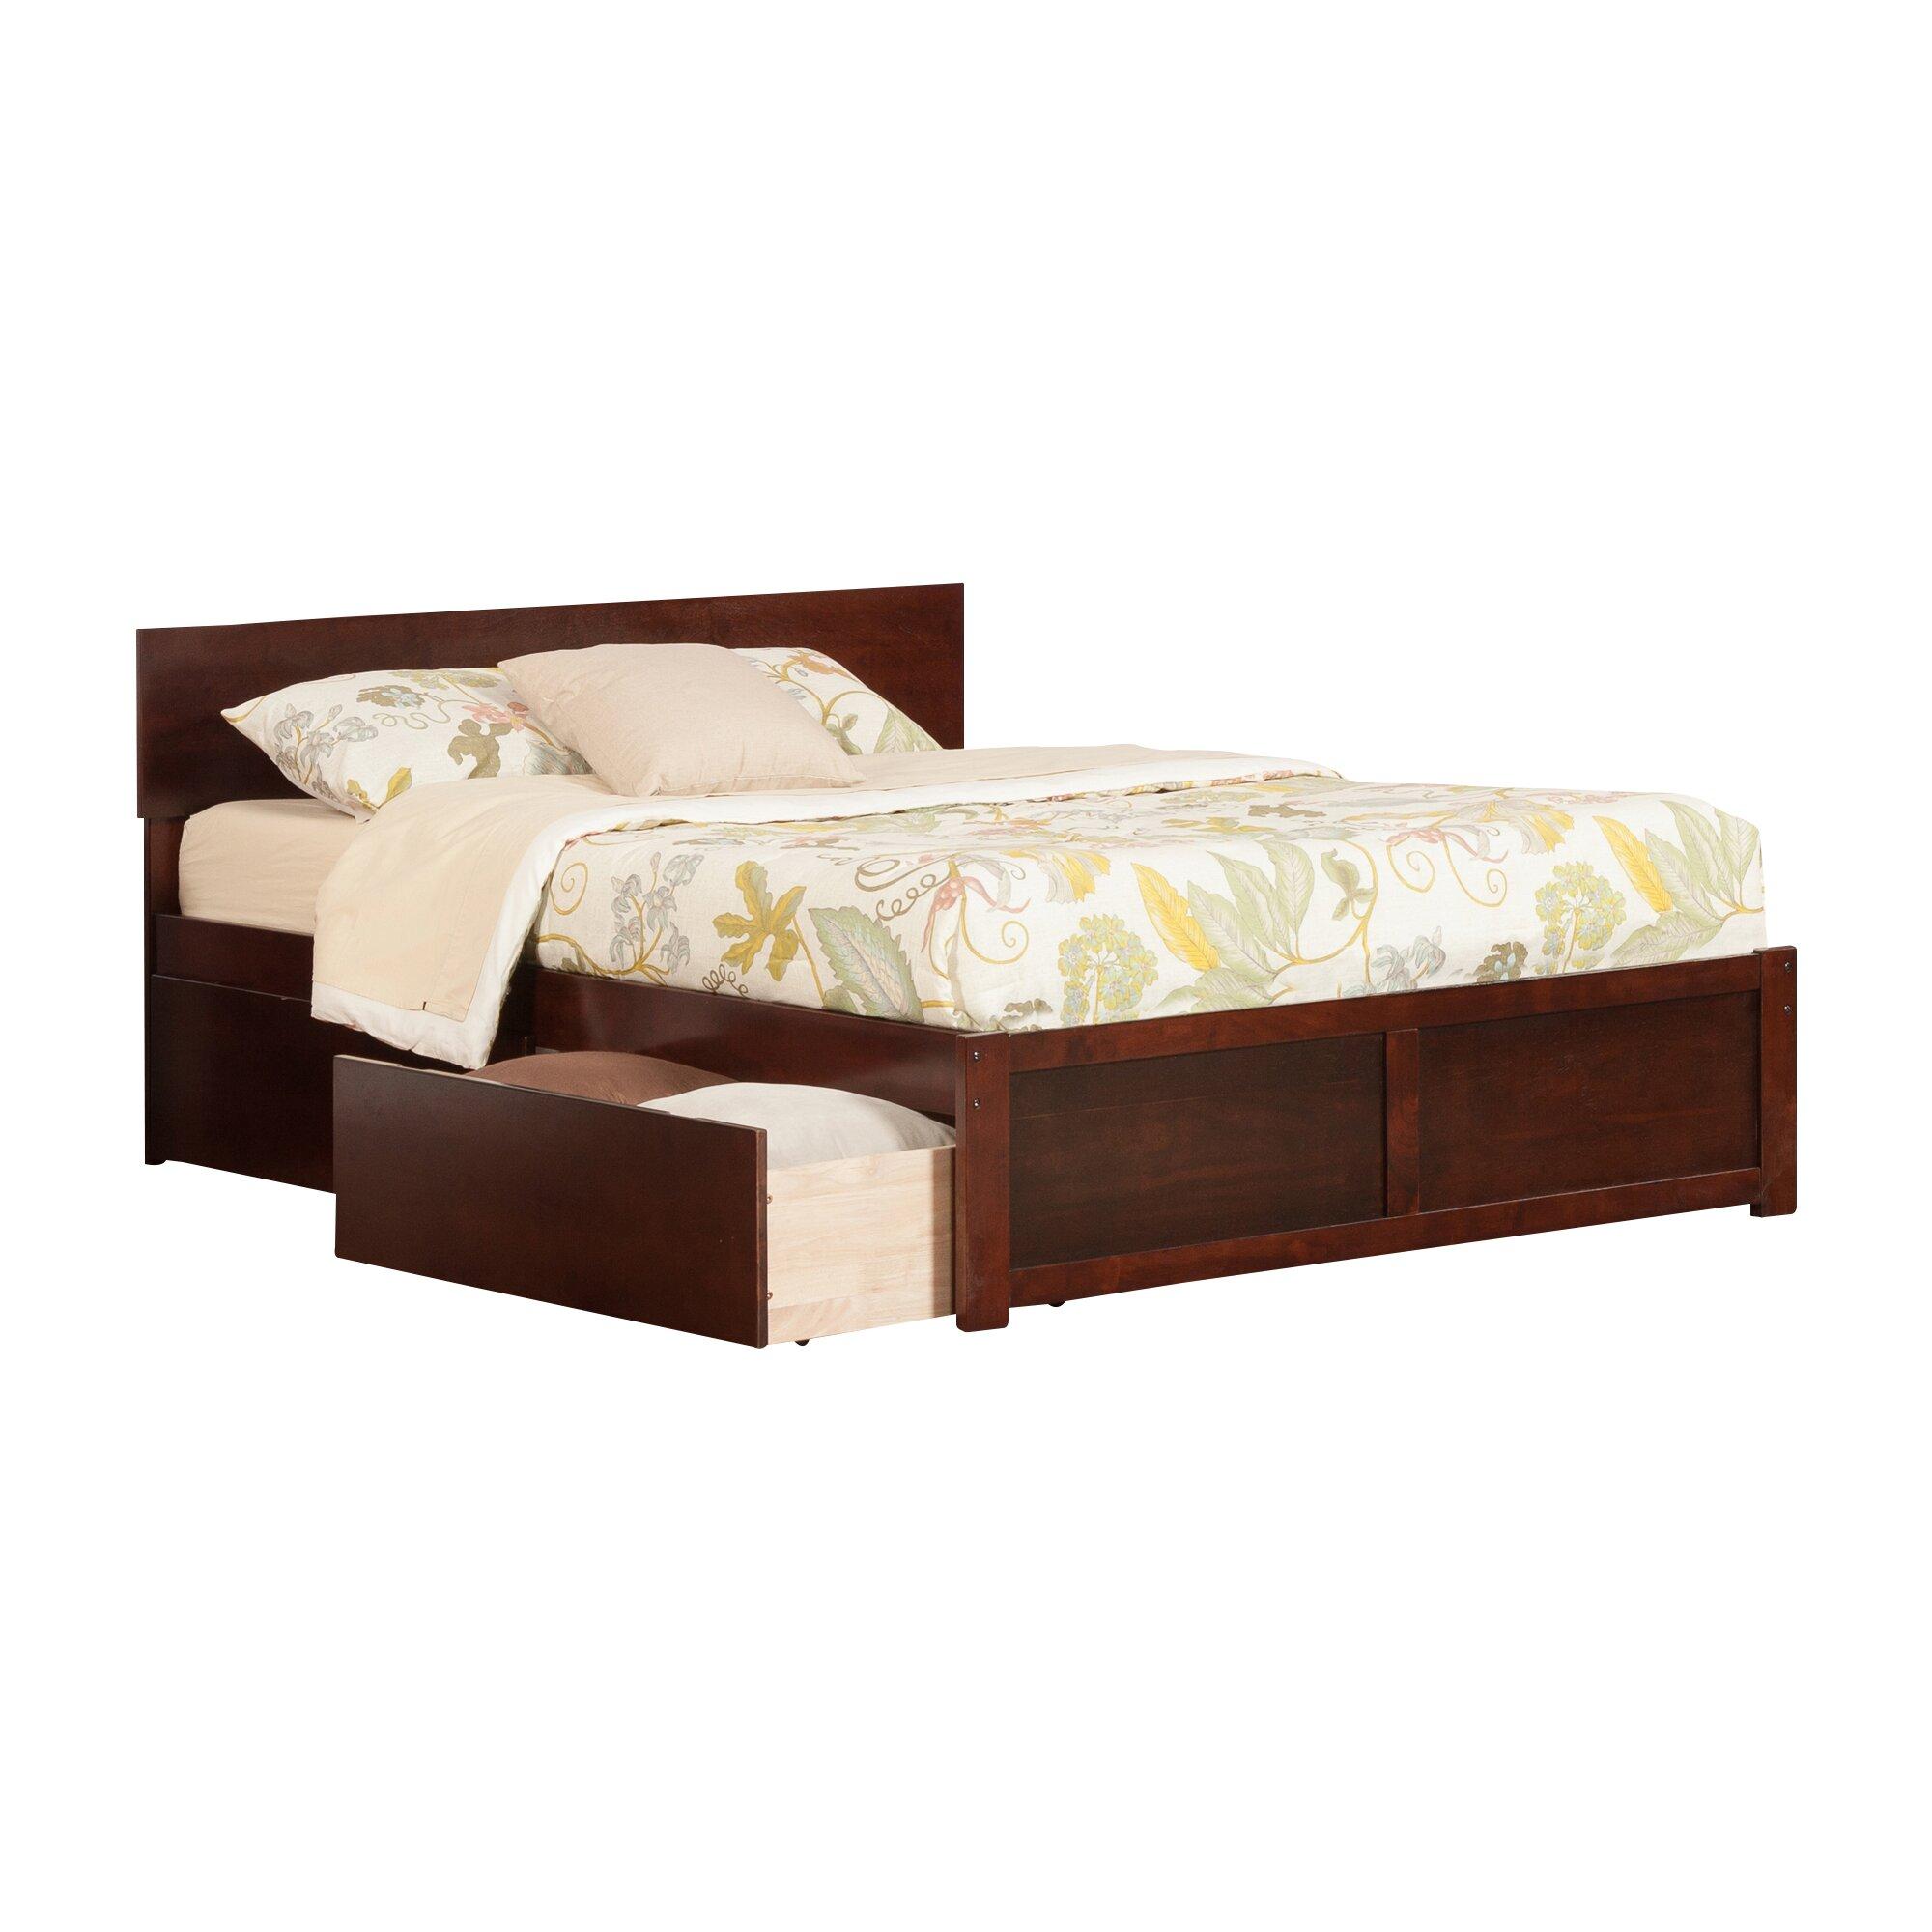 Atlantic Furniture Orlando King Storage Platform Bed